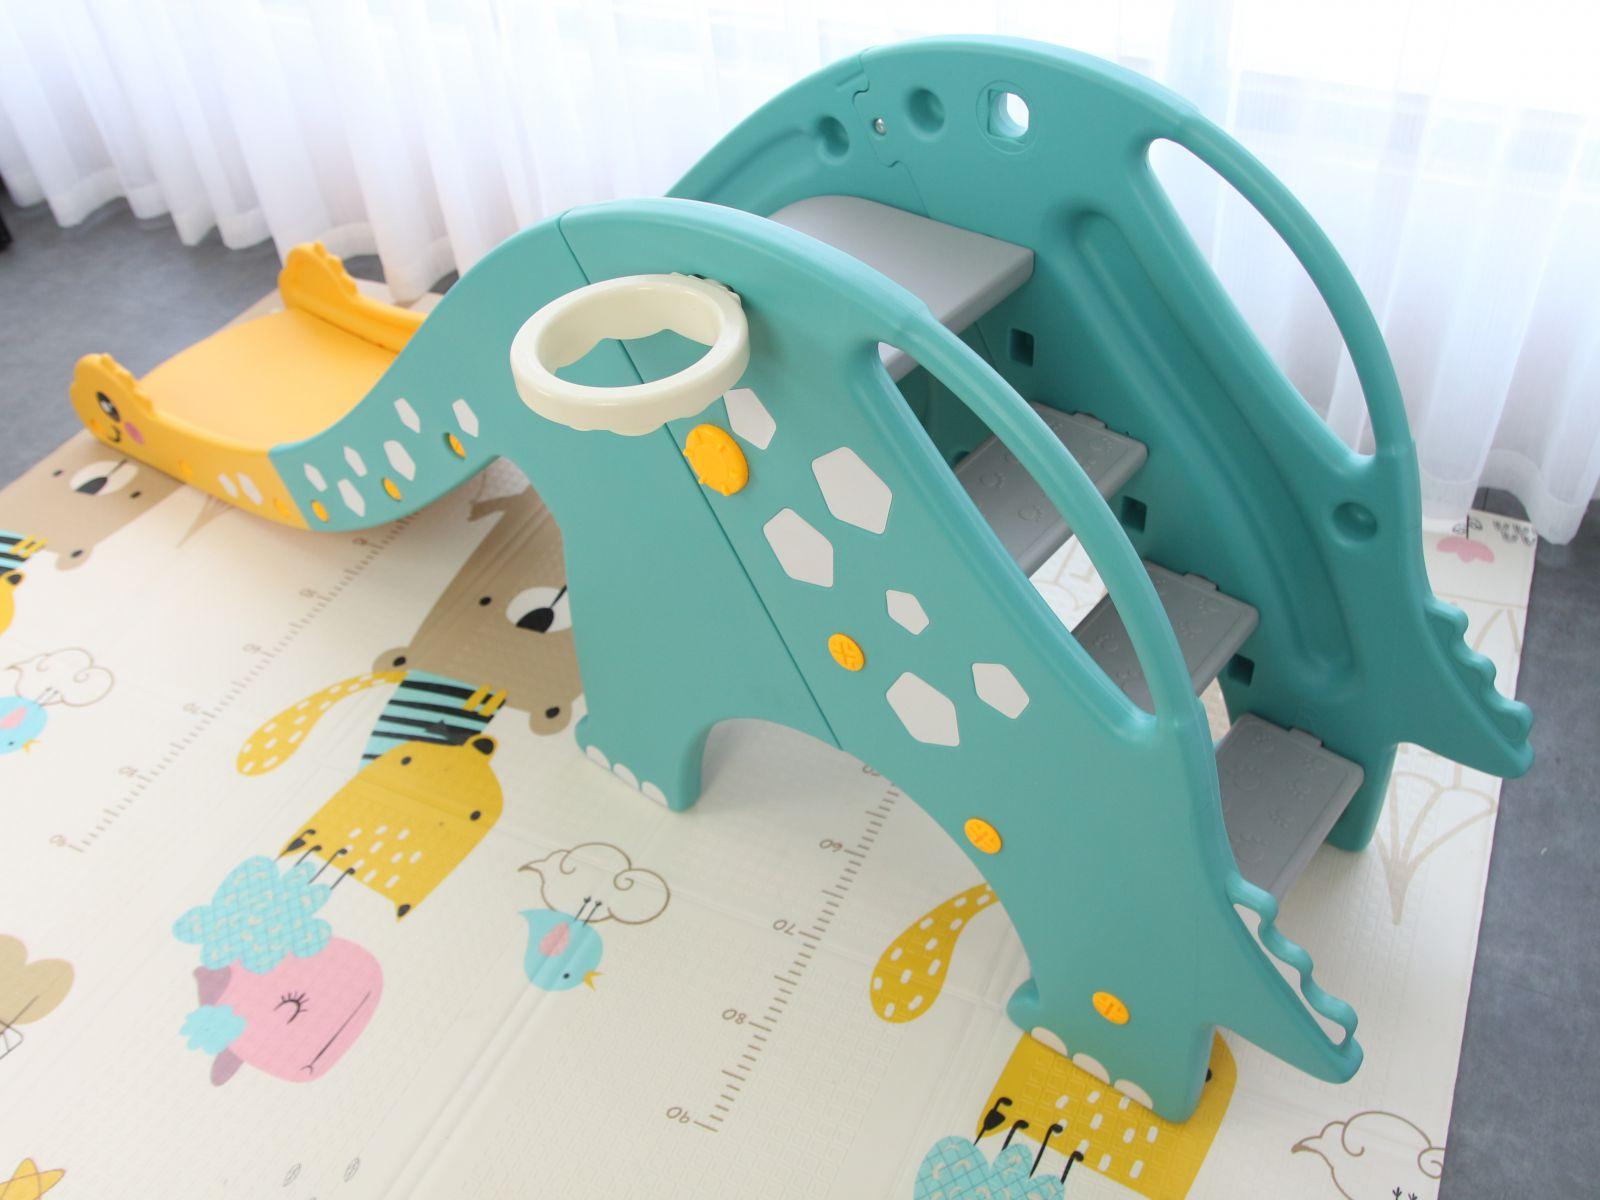 TH-052020-L-KL02 Cầu trượt cho bé hình khủng long cổ dài, có kèm khung bóng rổ Toyshouse